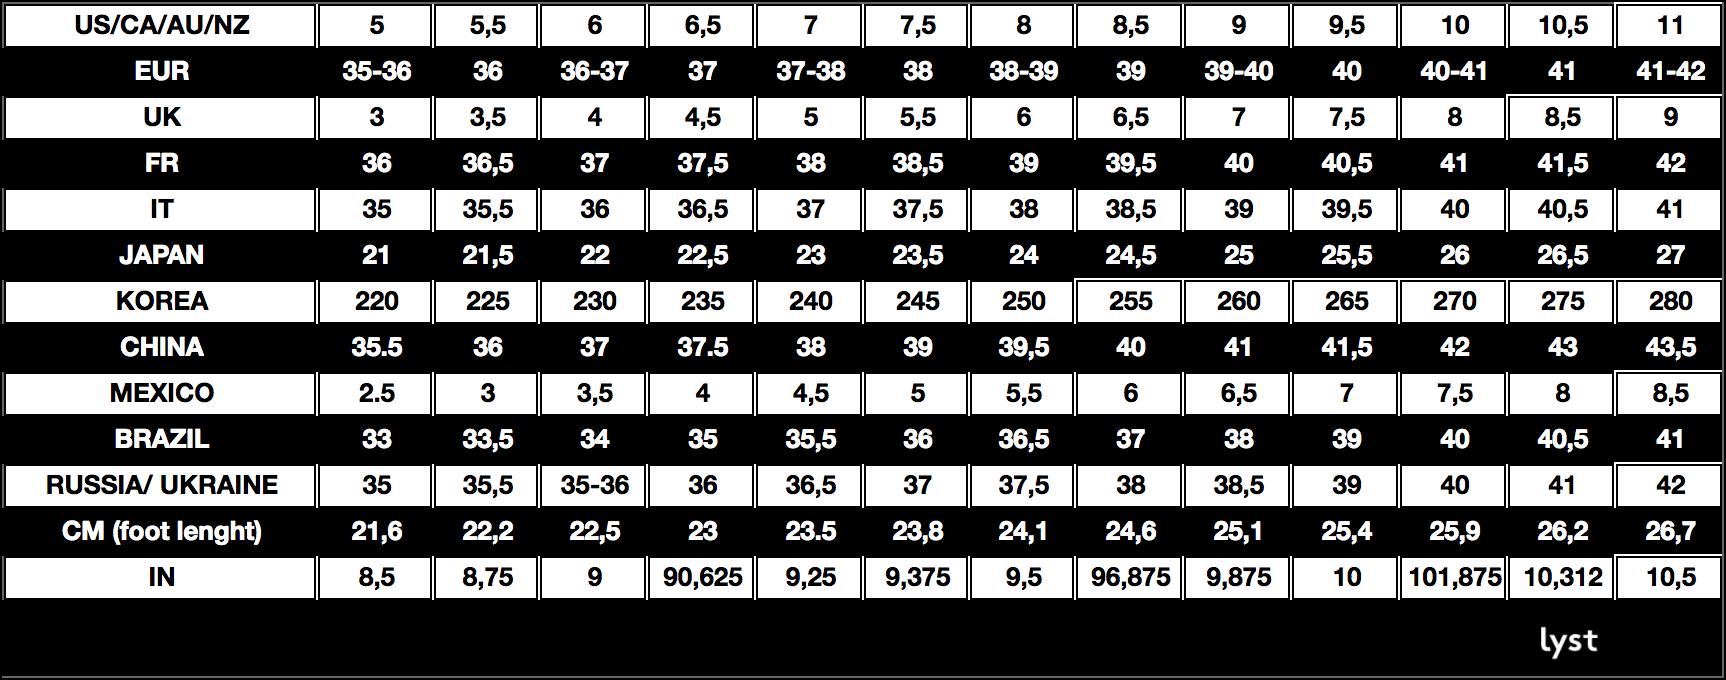 Lyst Shoe Size Conversion Chart